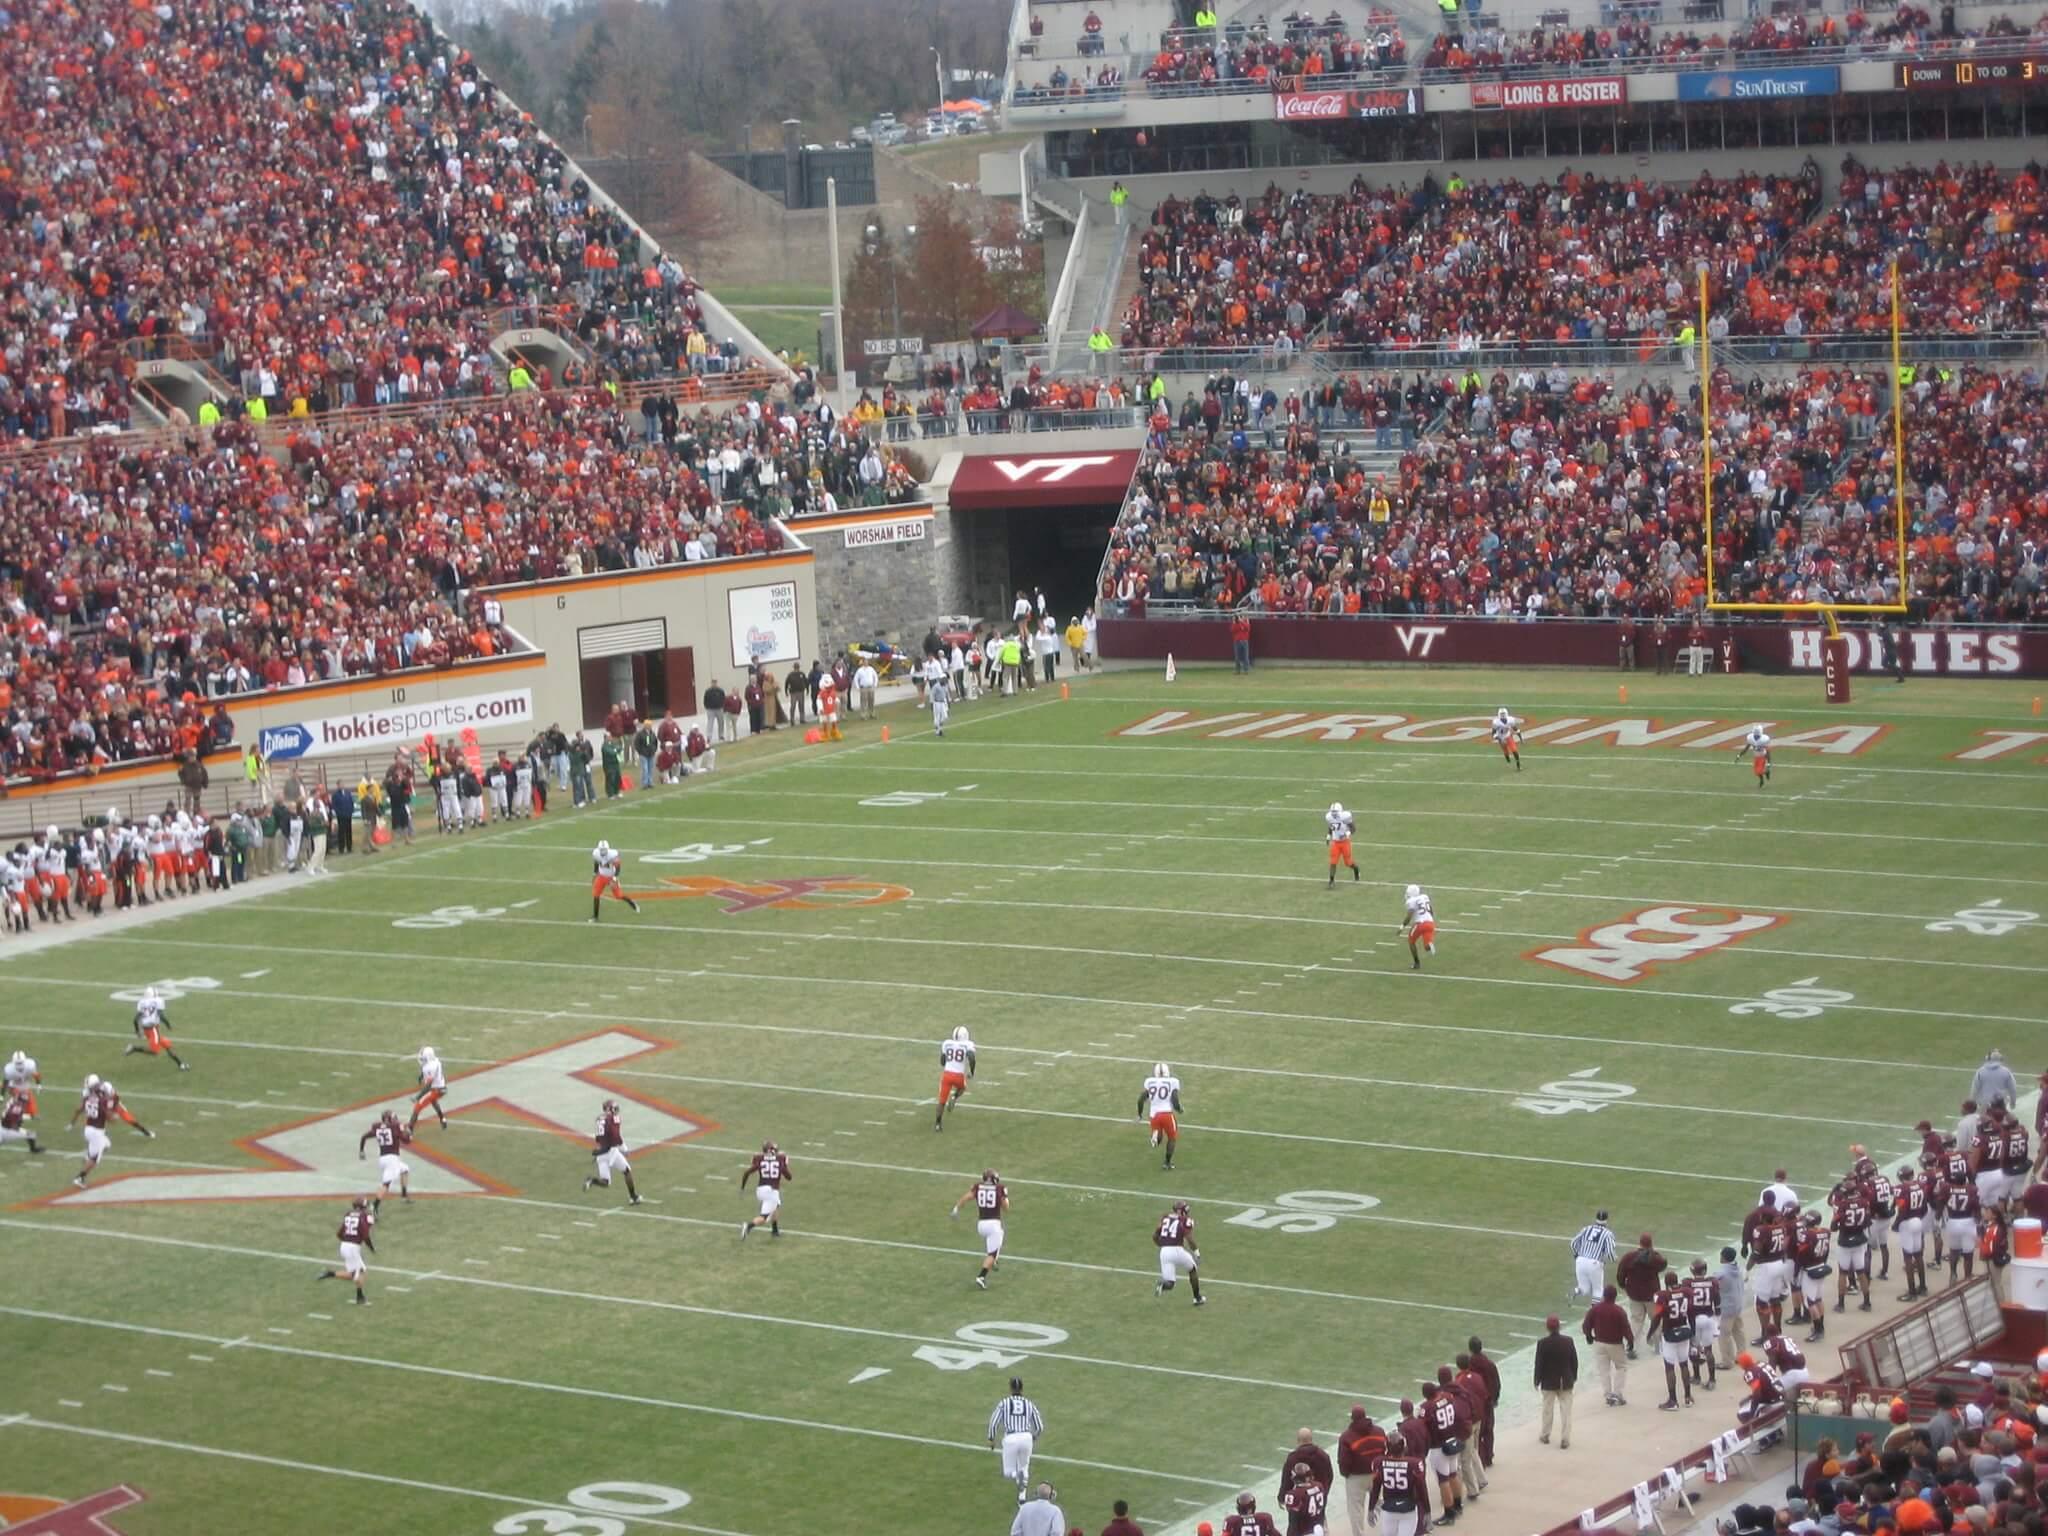 Lane Stadium football game